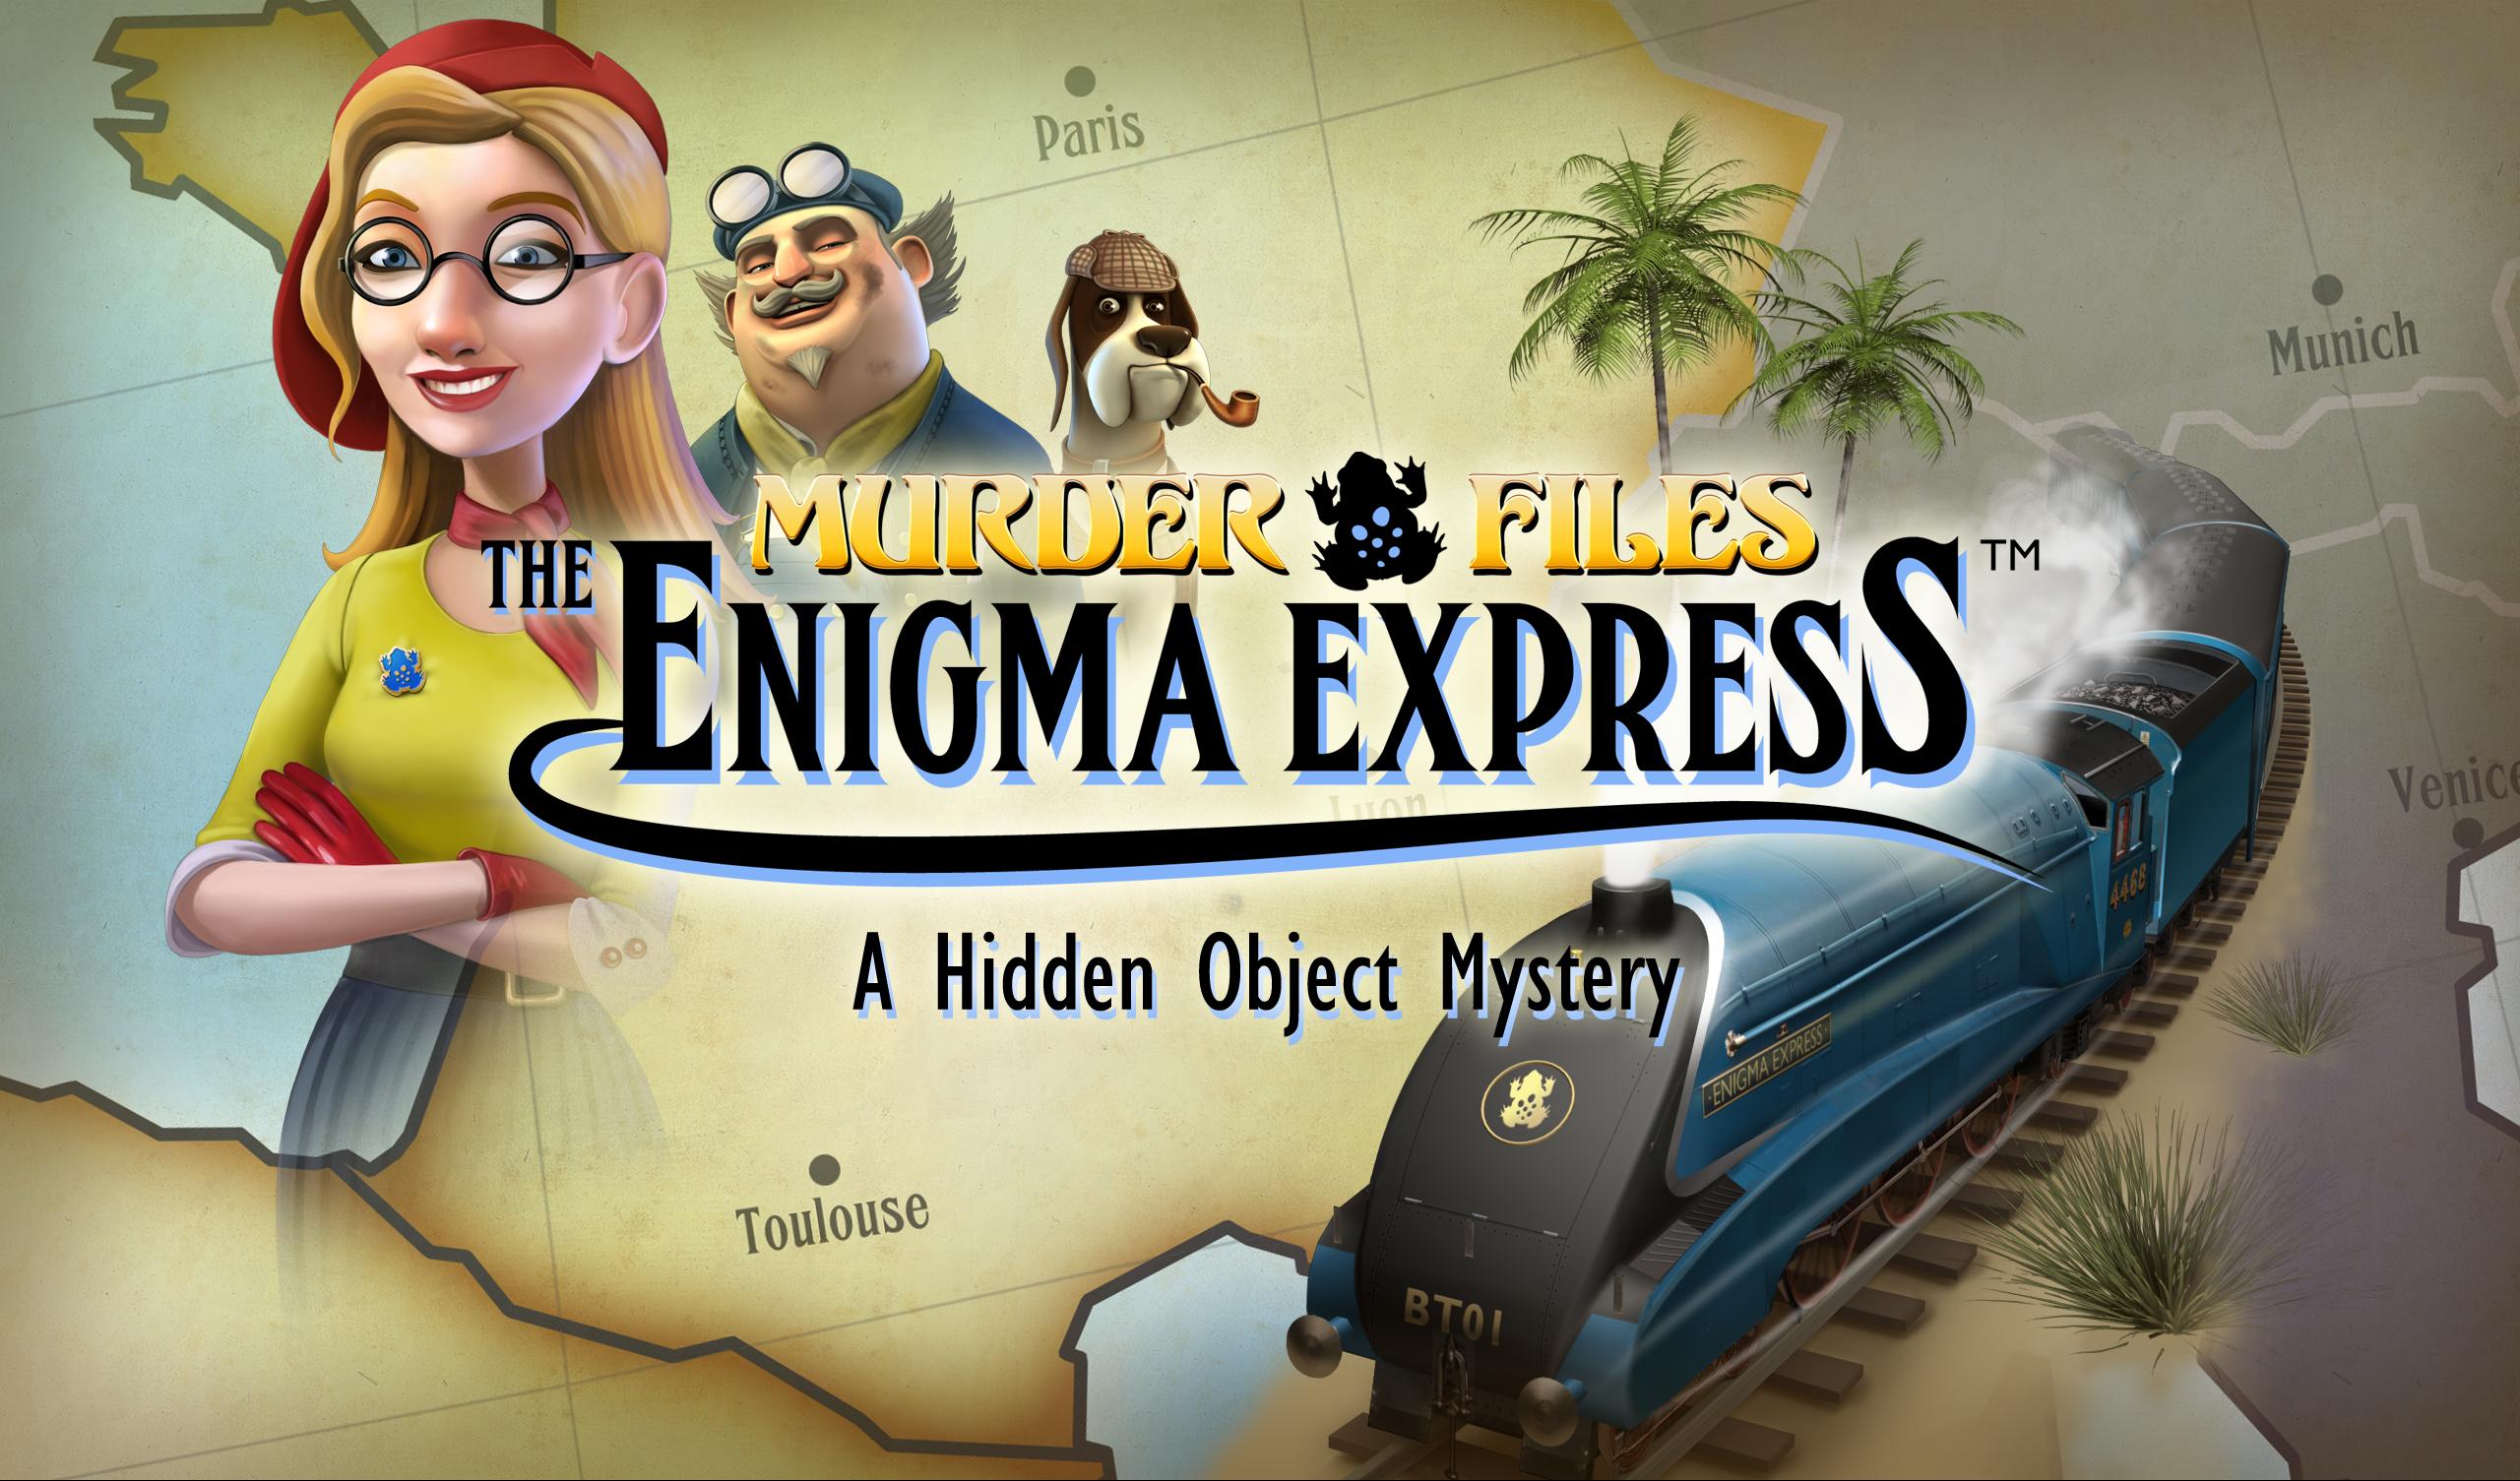 EnigmaExpress_Google10_Title_eng_v2